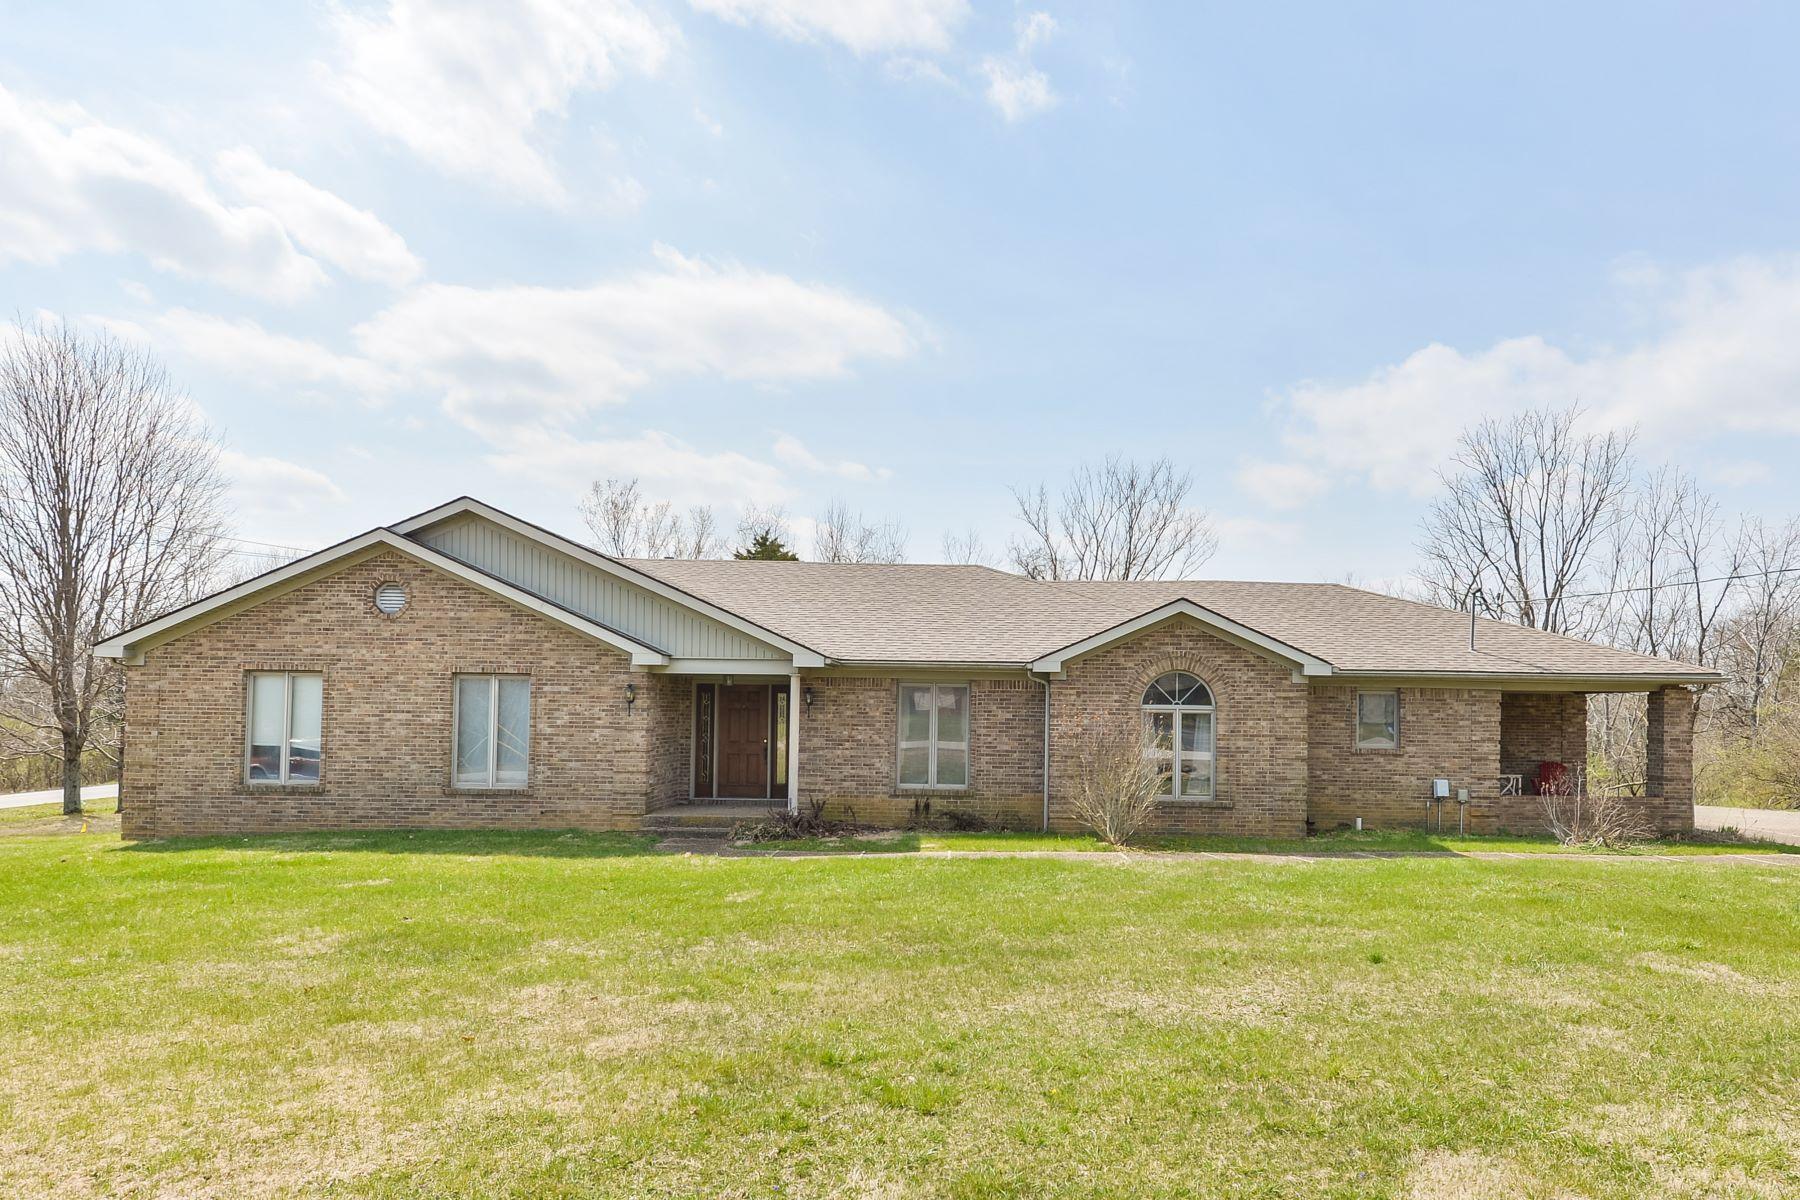 Maison unifamiliale pour l Vente à 3512 Pin Oak Drive Lagrange, Kentucky, 40031 États-Unis